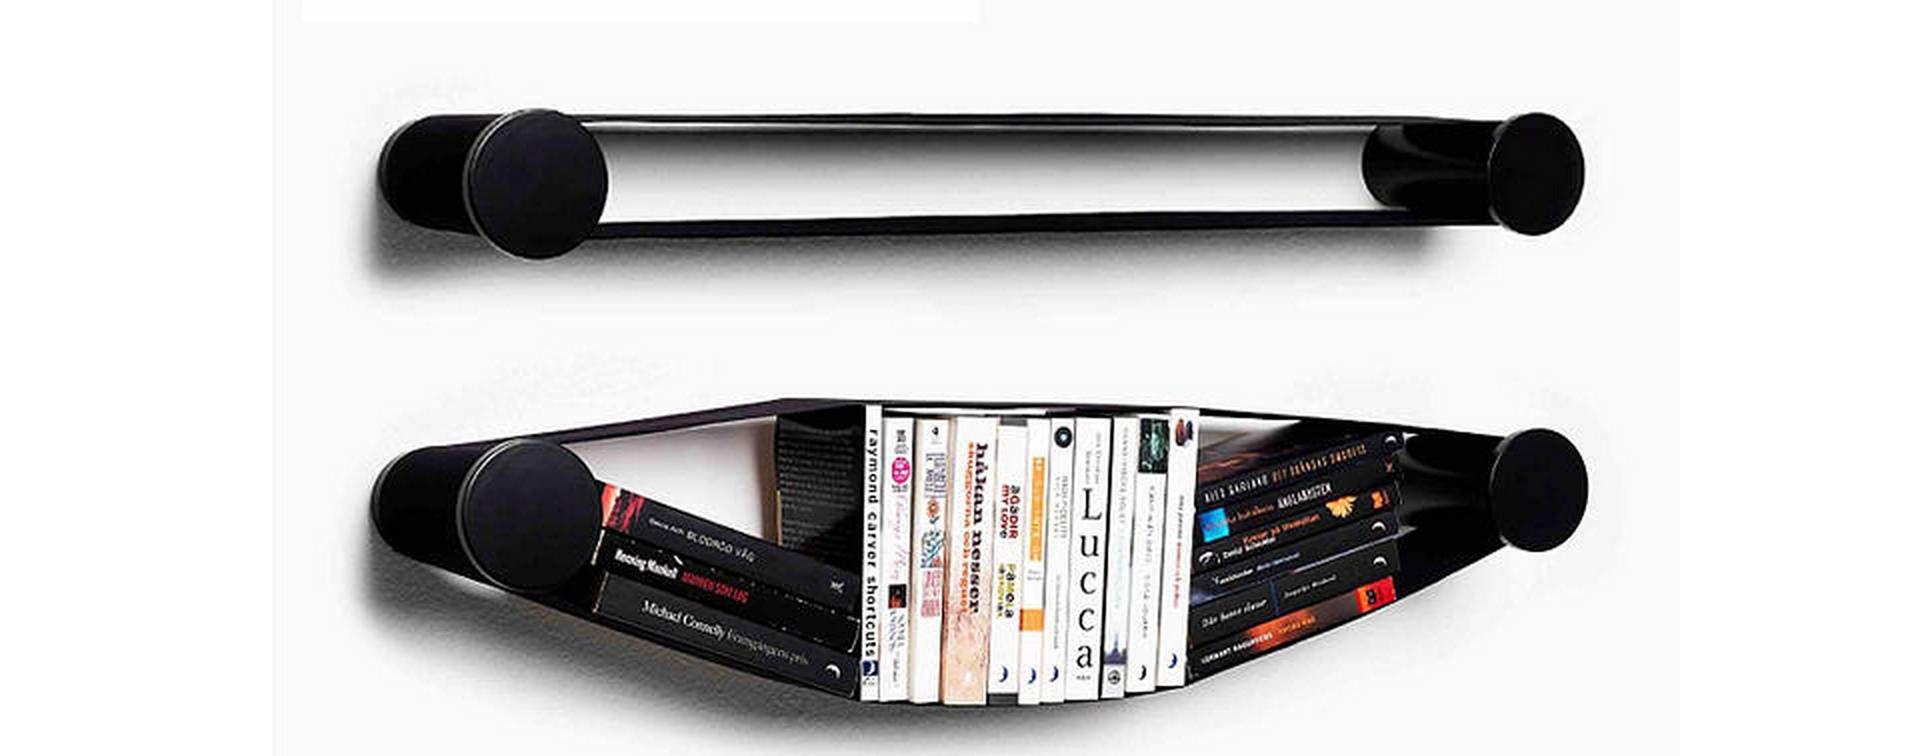 elastic bookcase